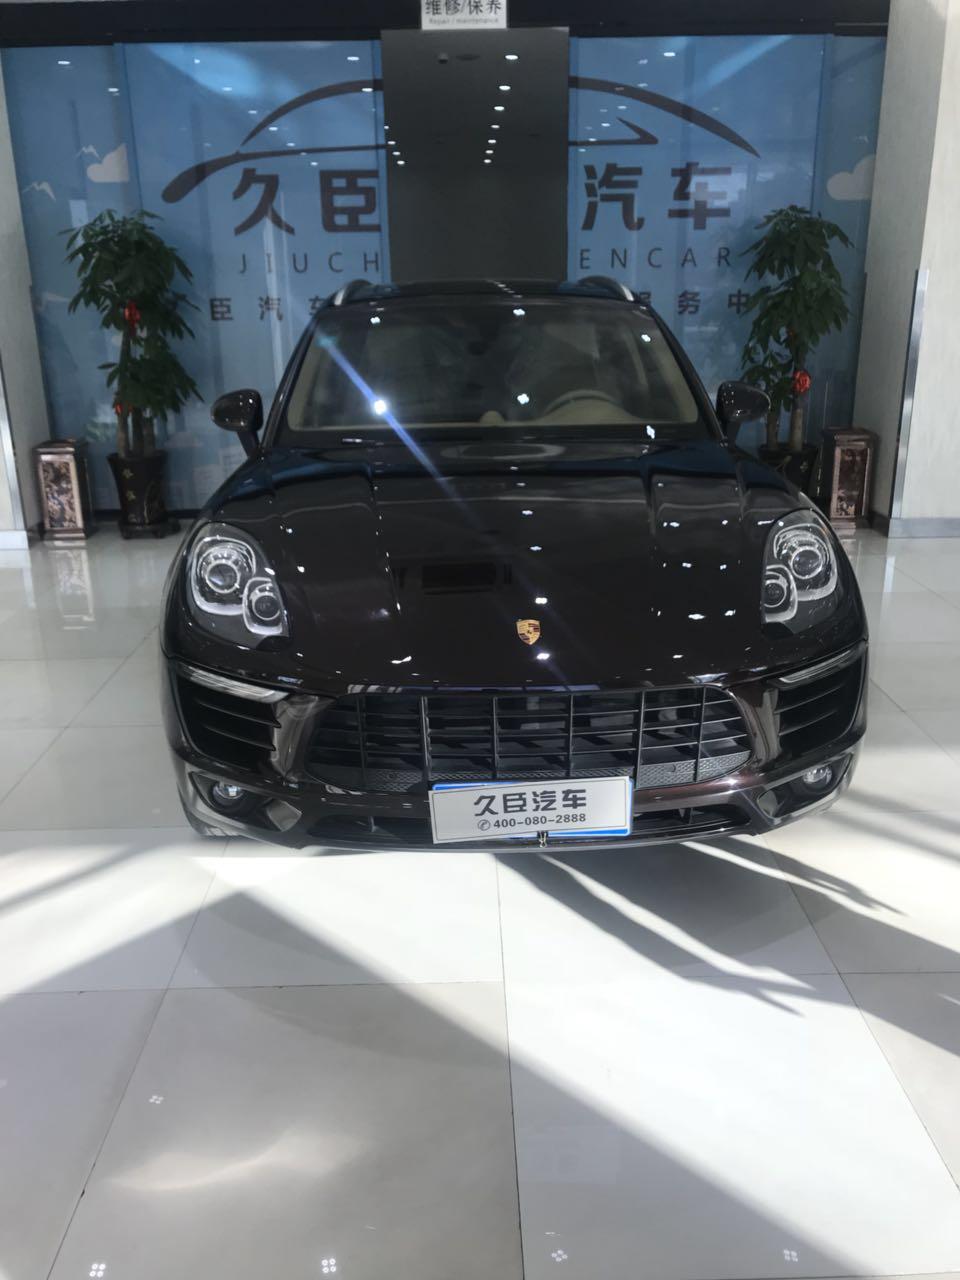 【抚顺】保时捷.迈凯 价格56.80万 二手车